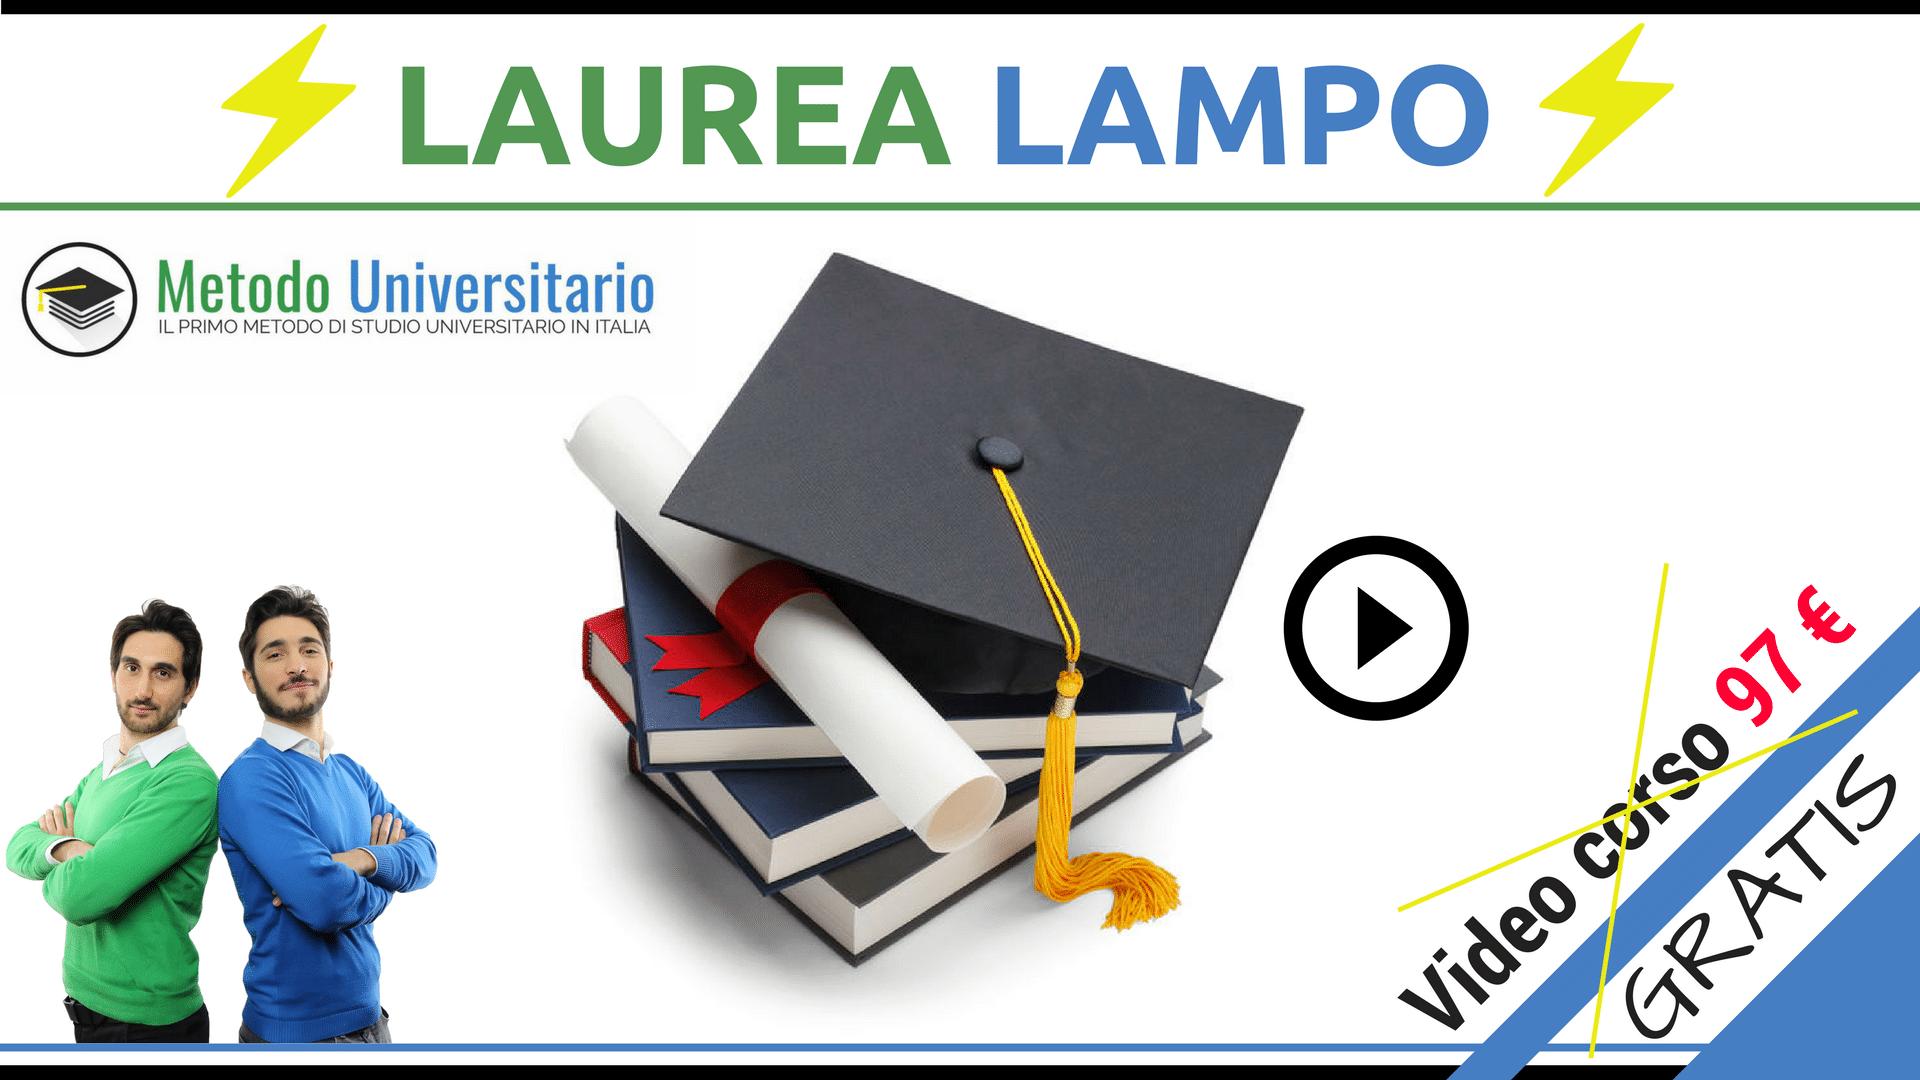 LAUREA LAMPO 2 - Metodo Universitario: tutto quello che devi sapere